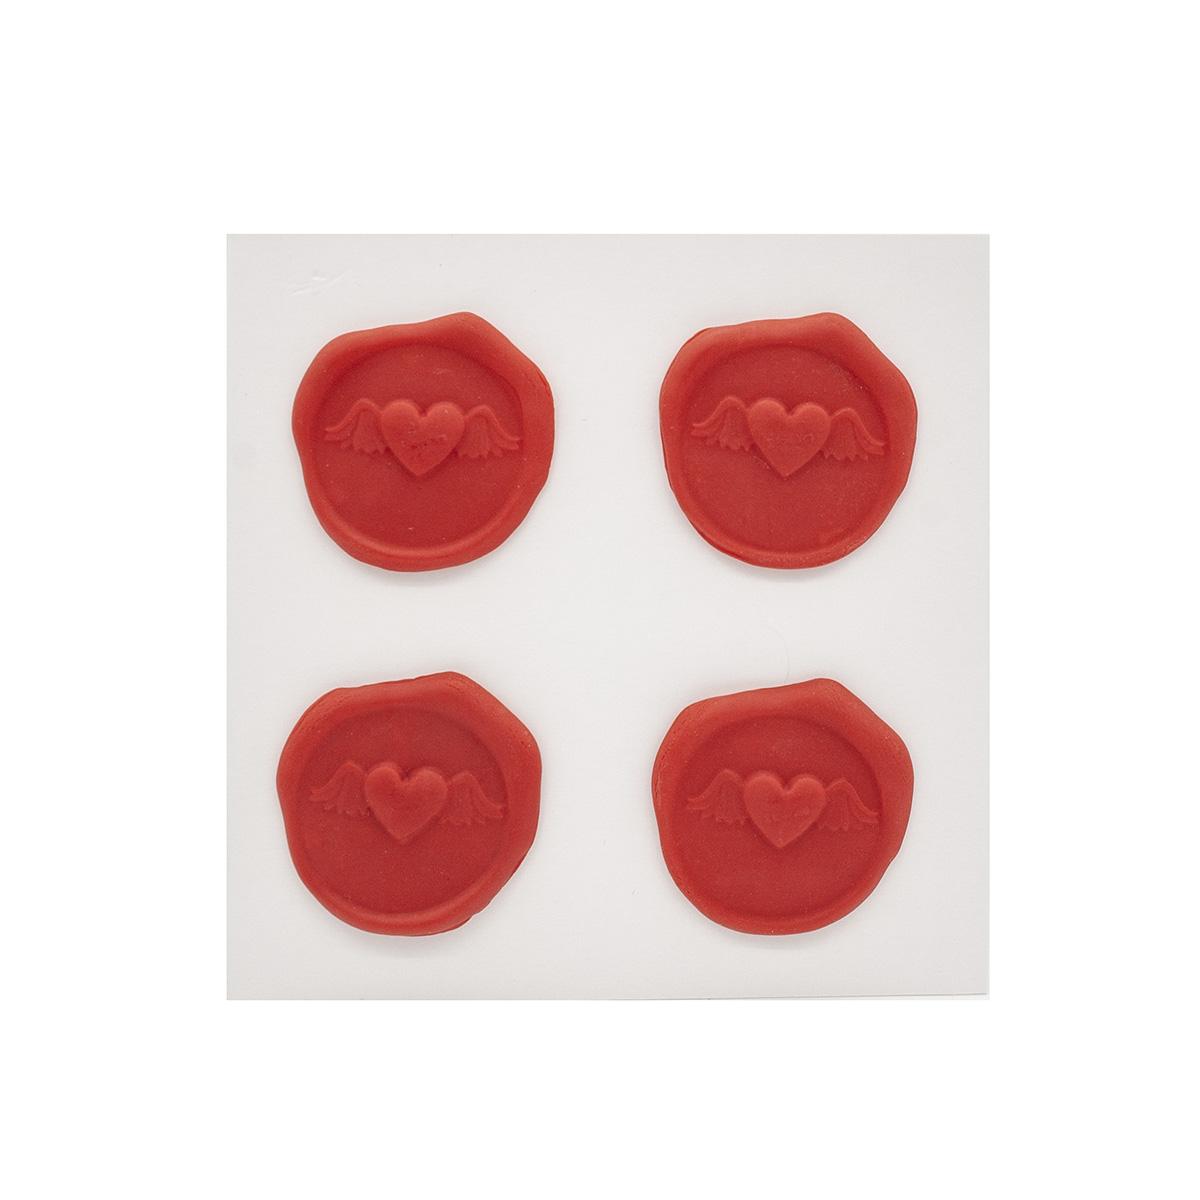 Оттиски печатей из полимерной глины 'Сердце' 30*35мм, 4шт/упак Астра